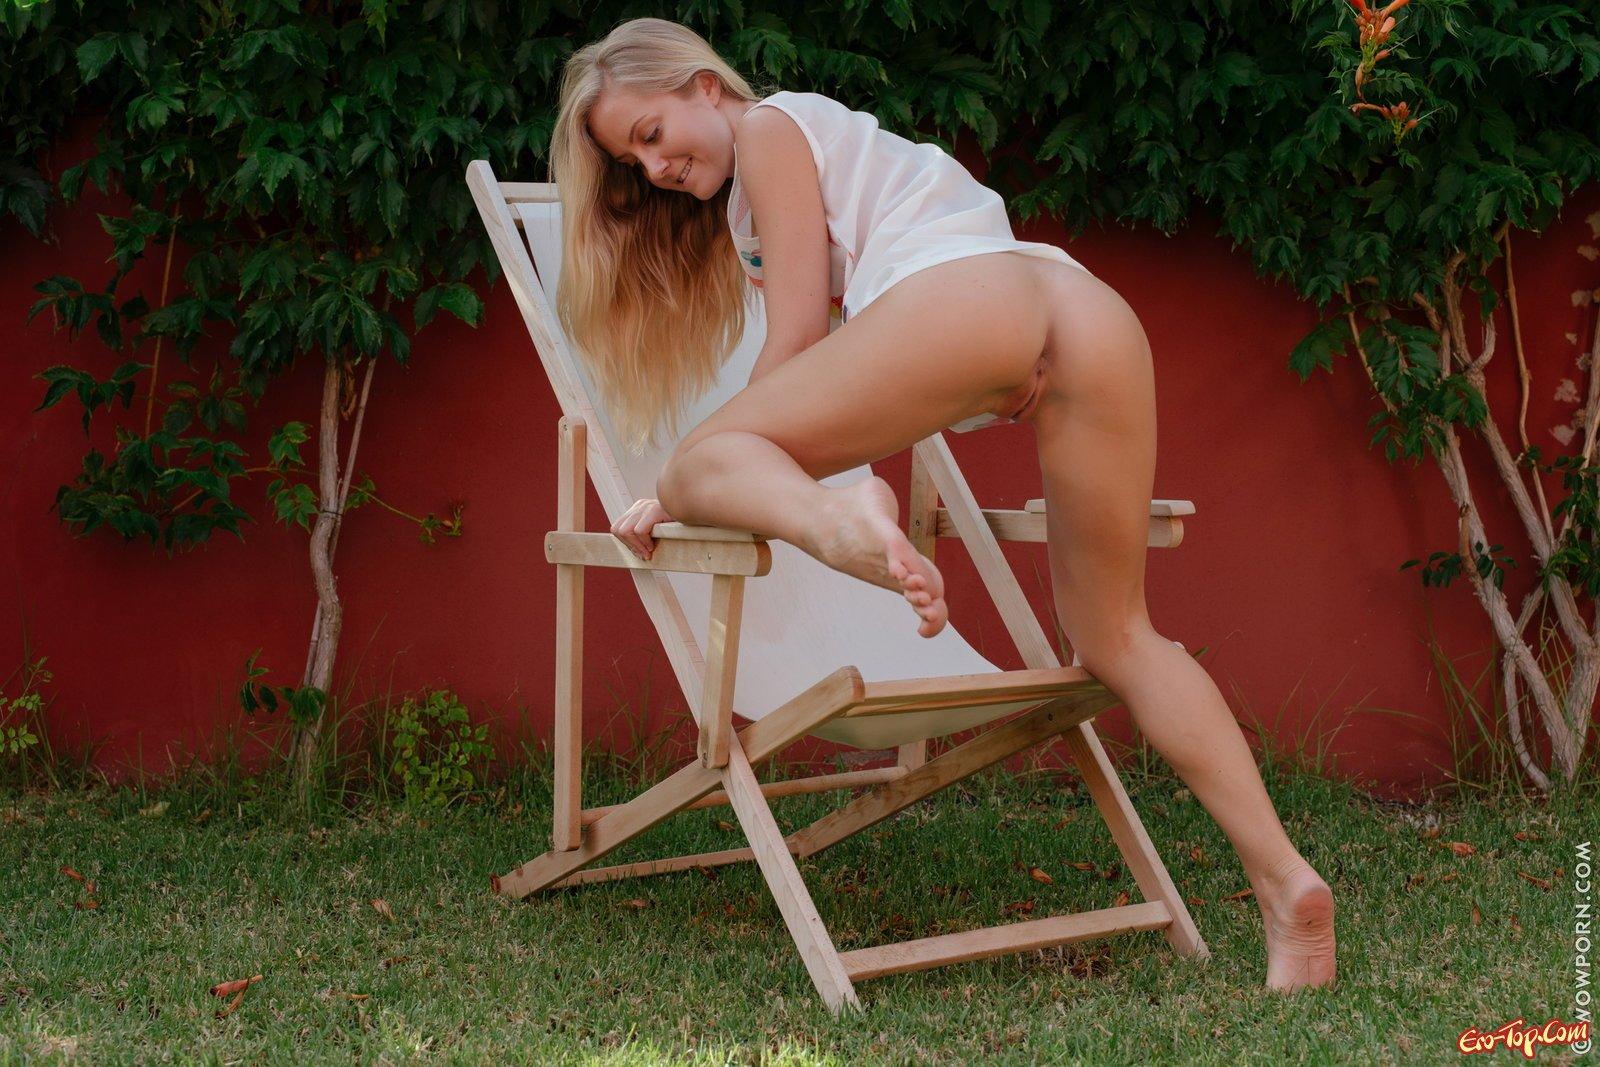 Светлая порно звезда стащила платье и показала пизду во дворе